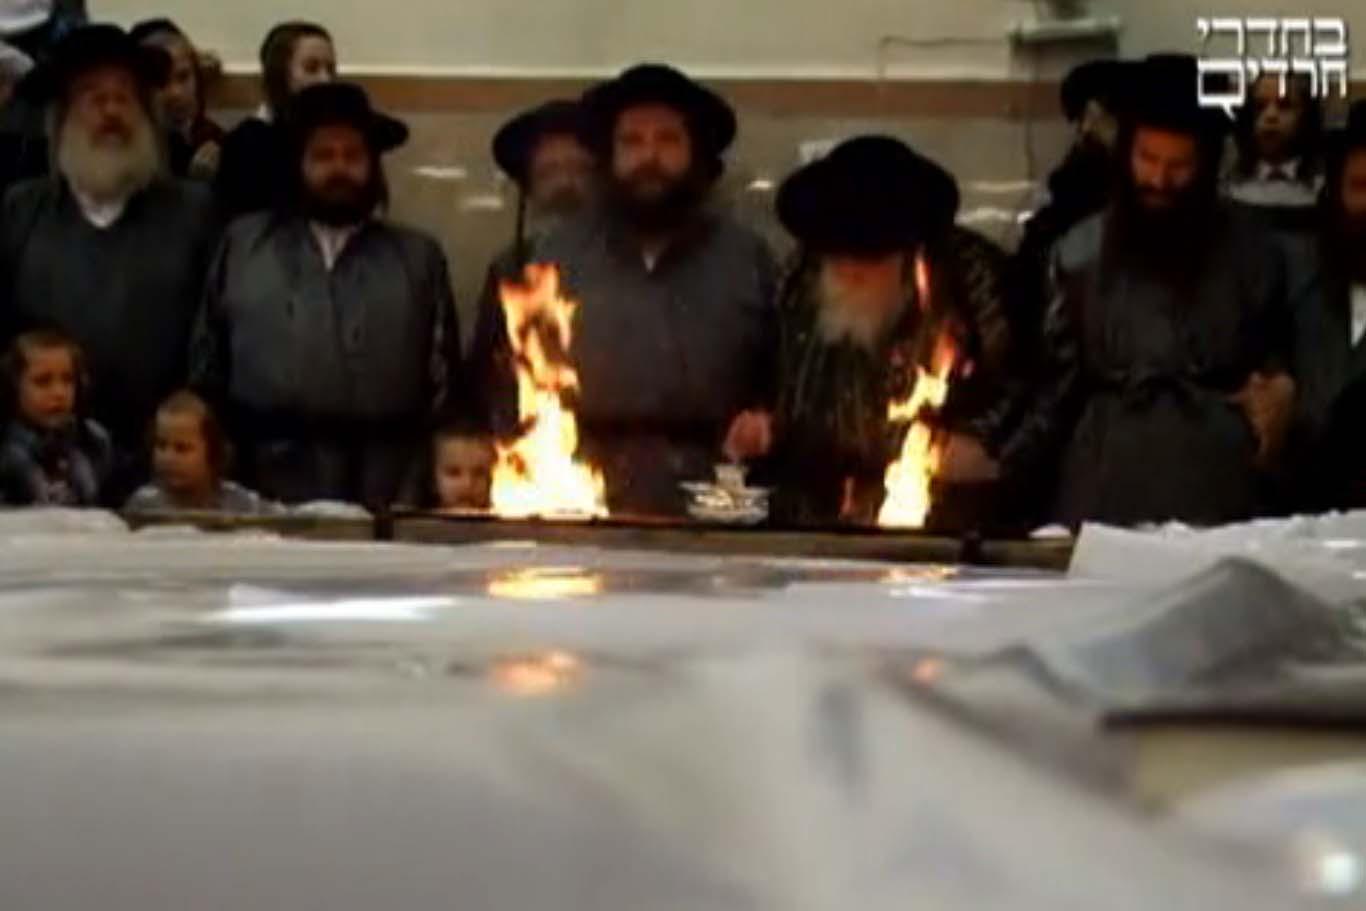 ומנותר קנקנים: שריפת השמן והפתילות  • וידאו